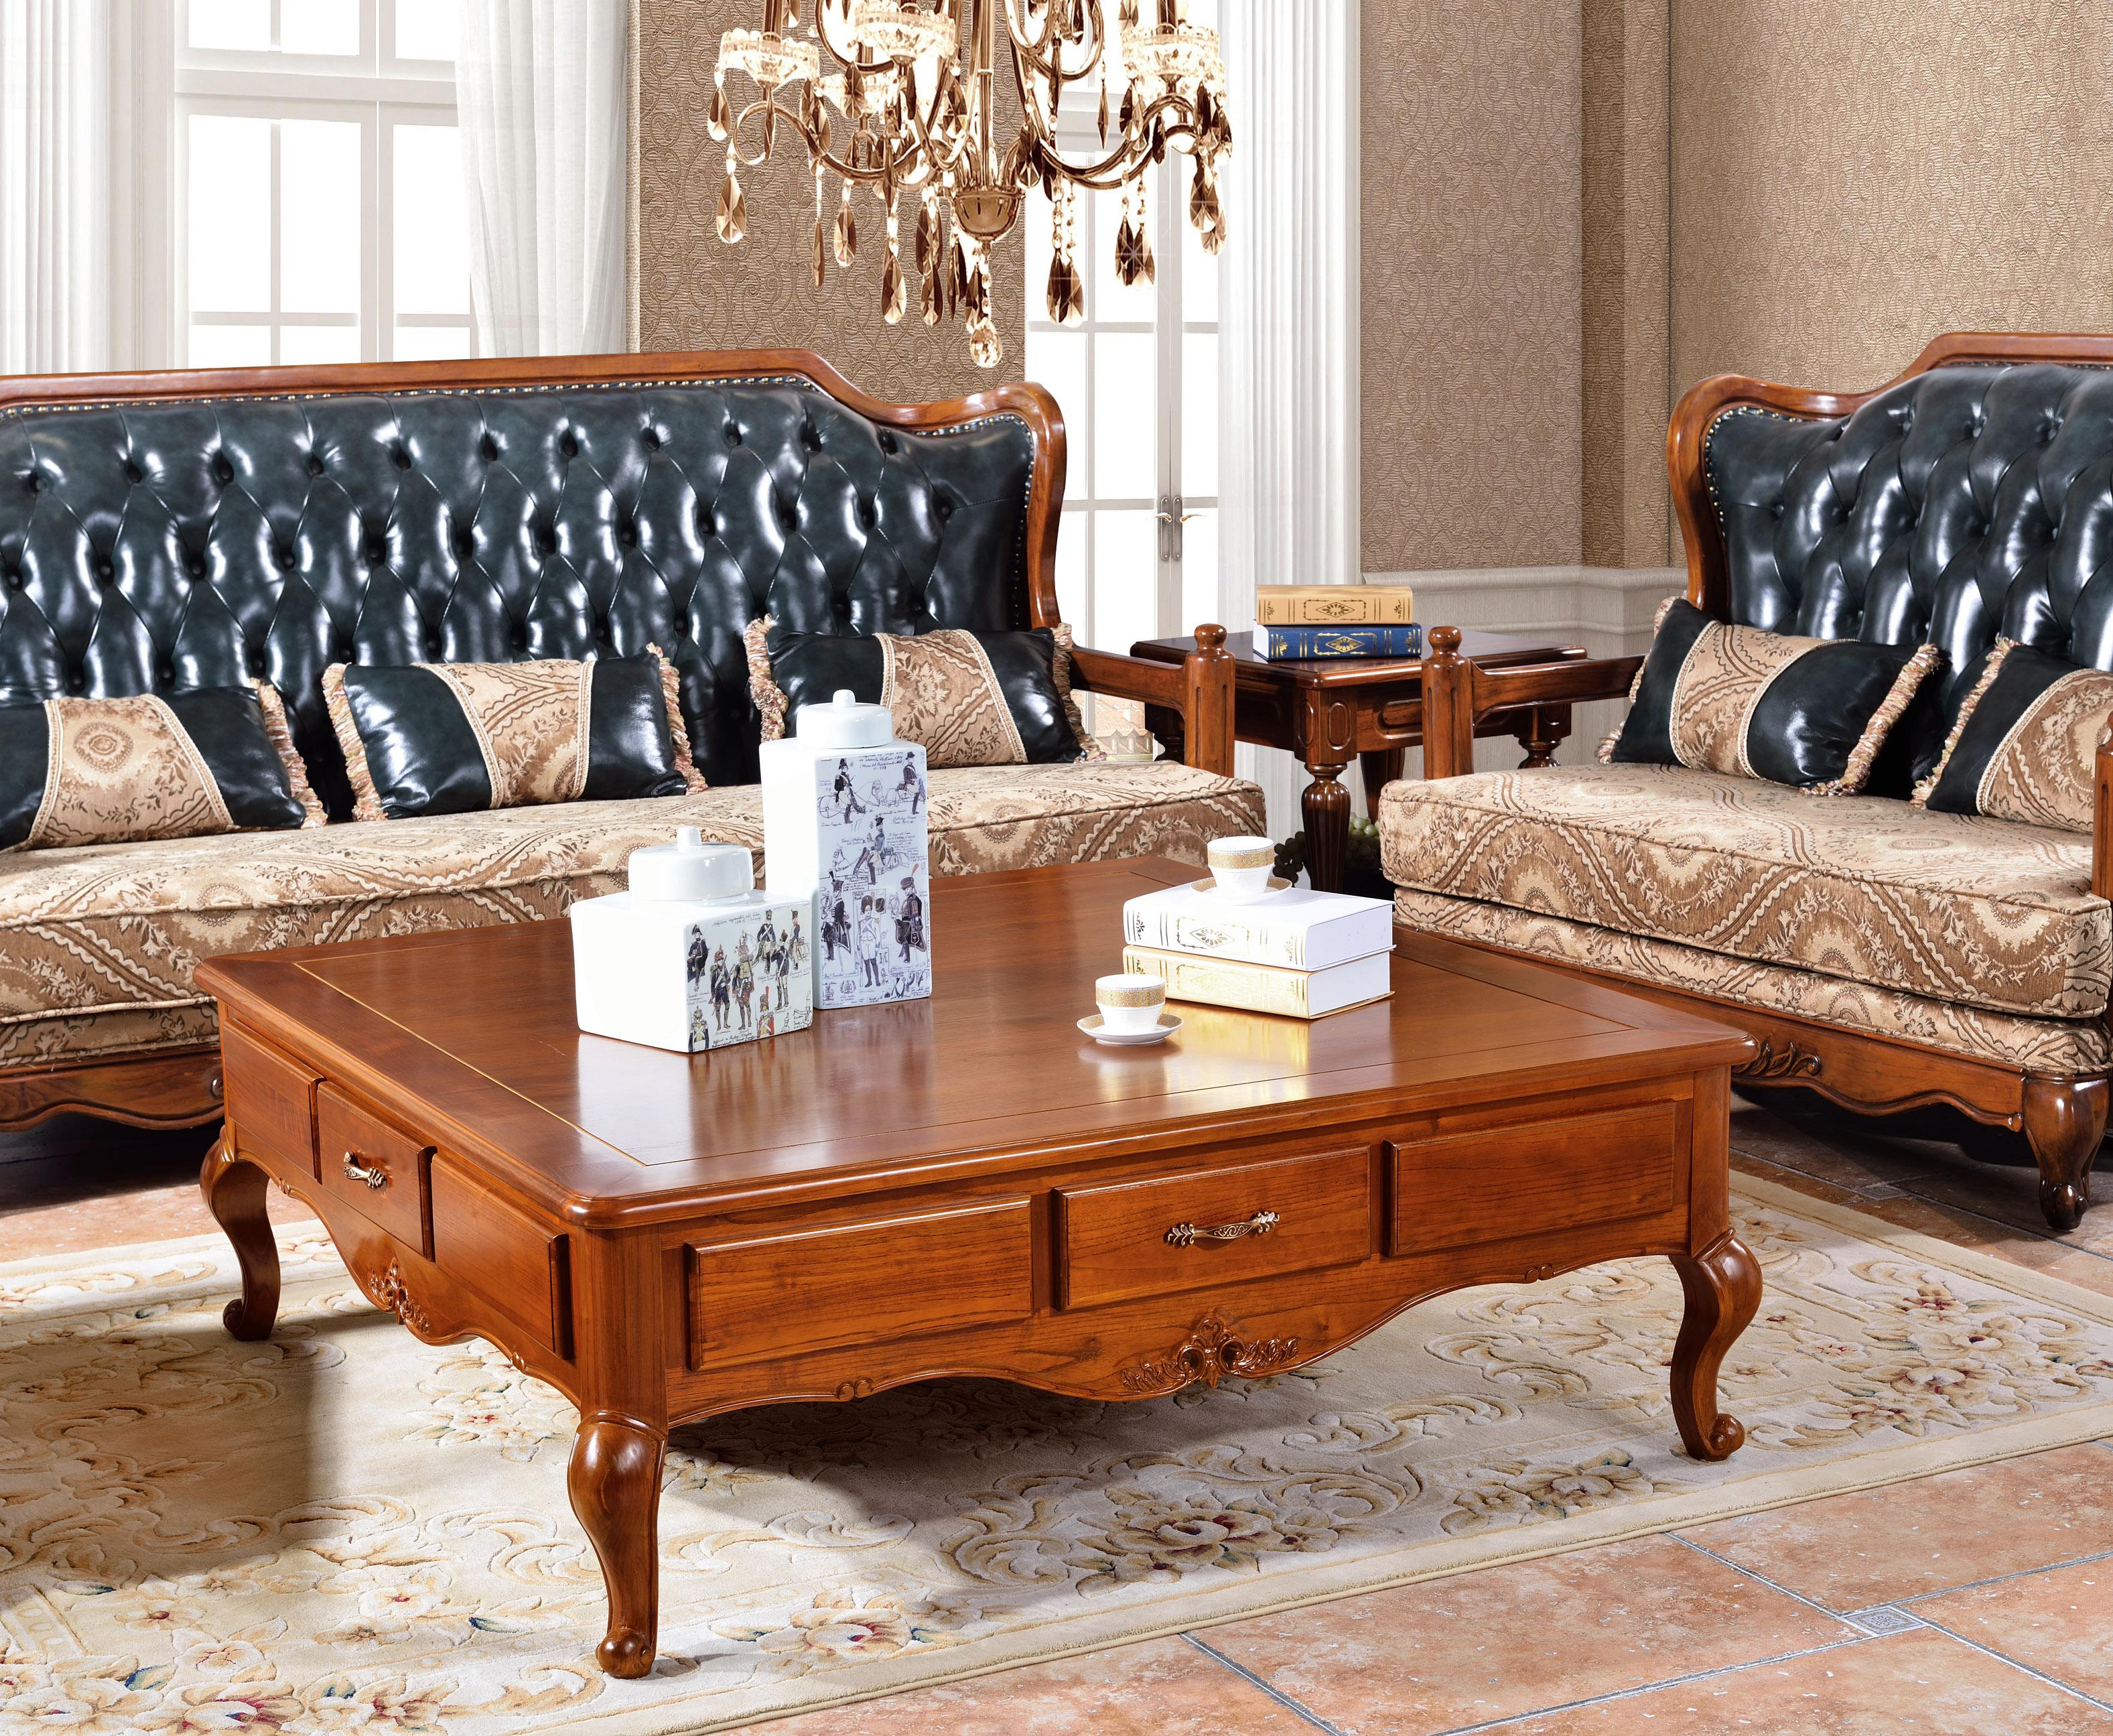 超值红椿木实木家具美式乡村复古真皮沙发三件套客厅沙发